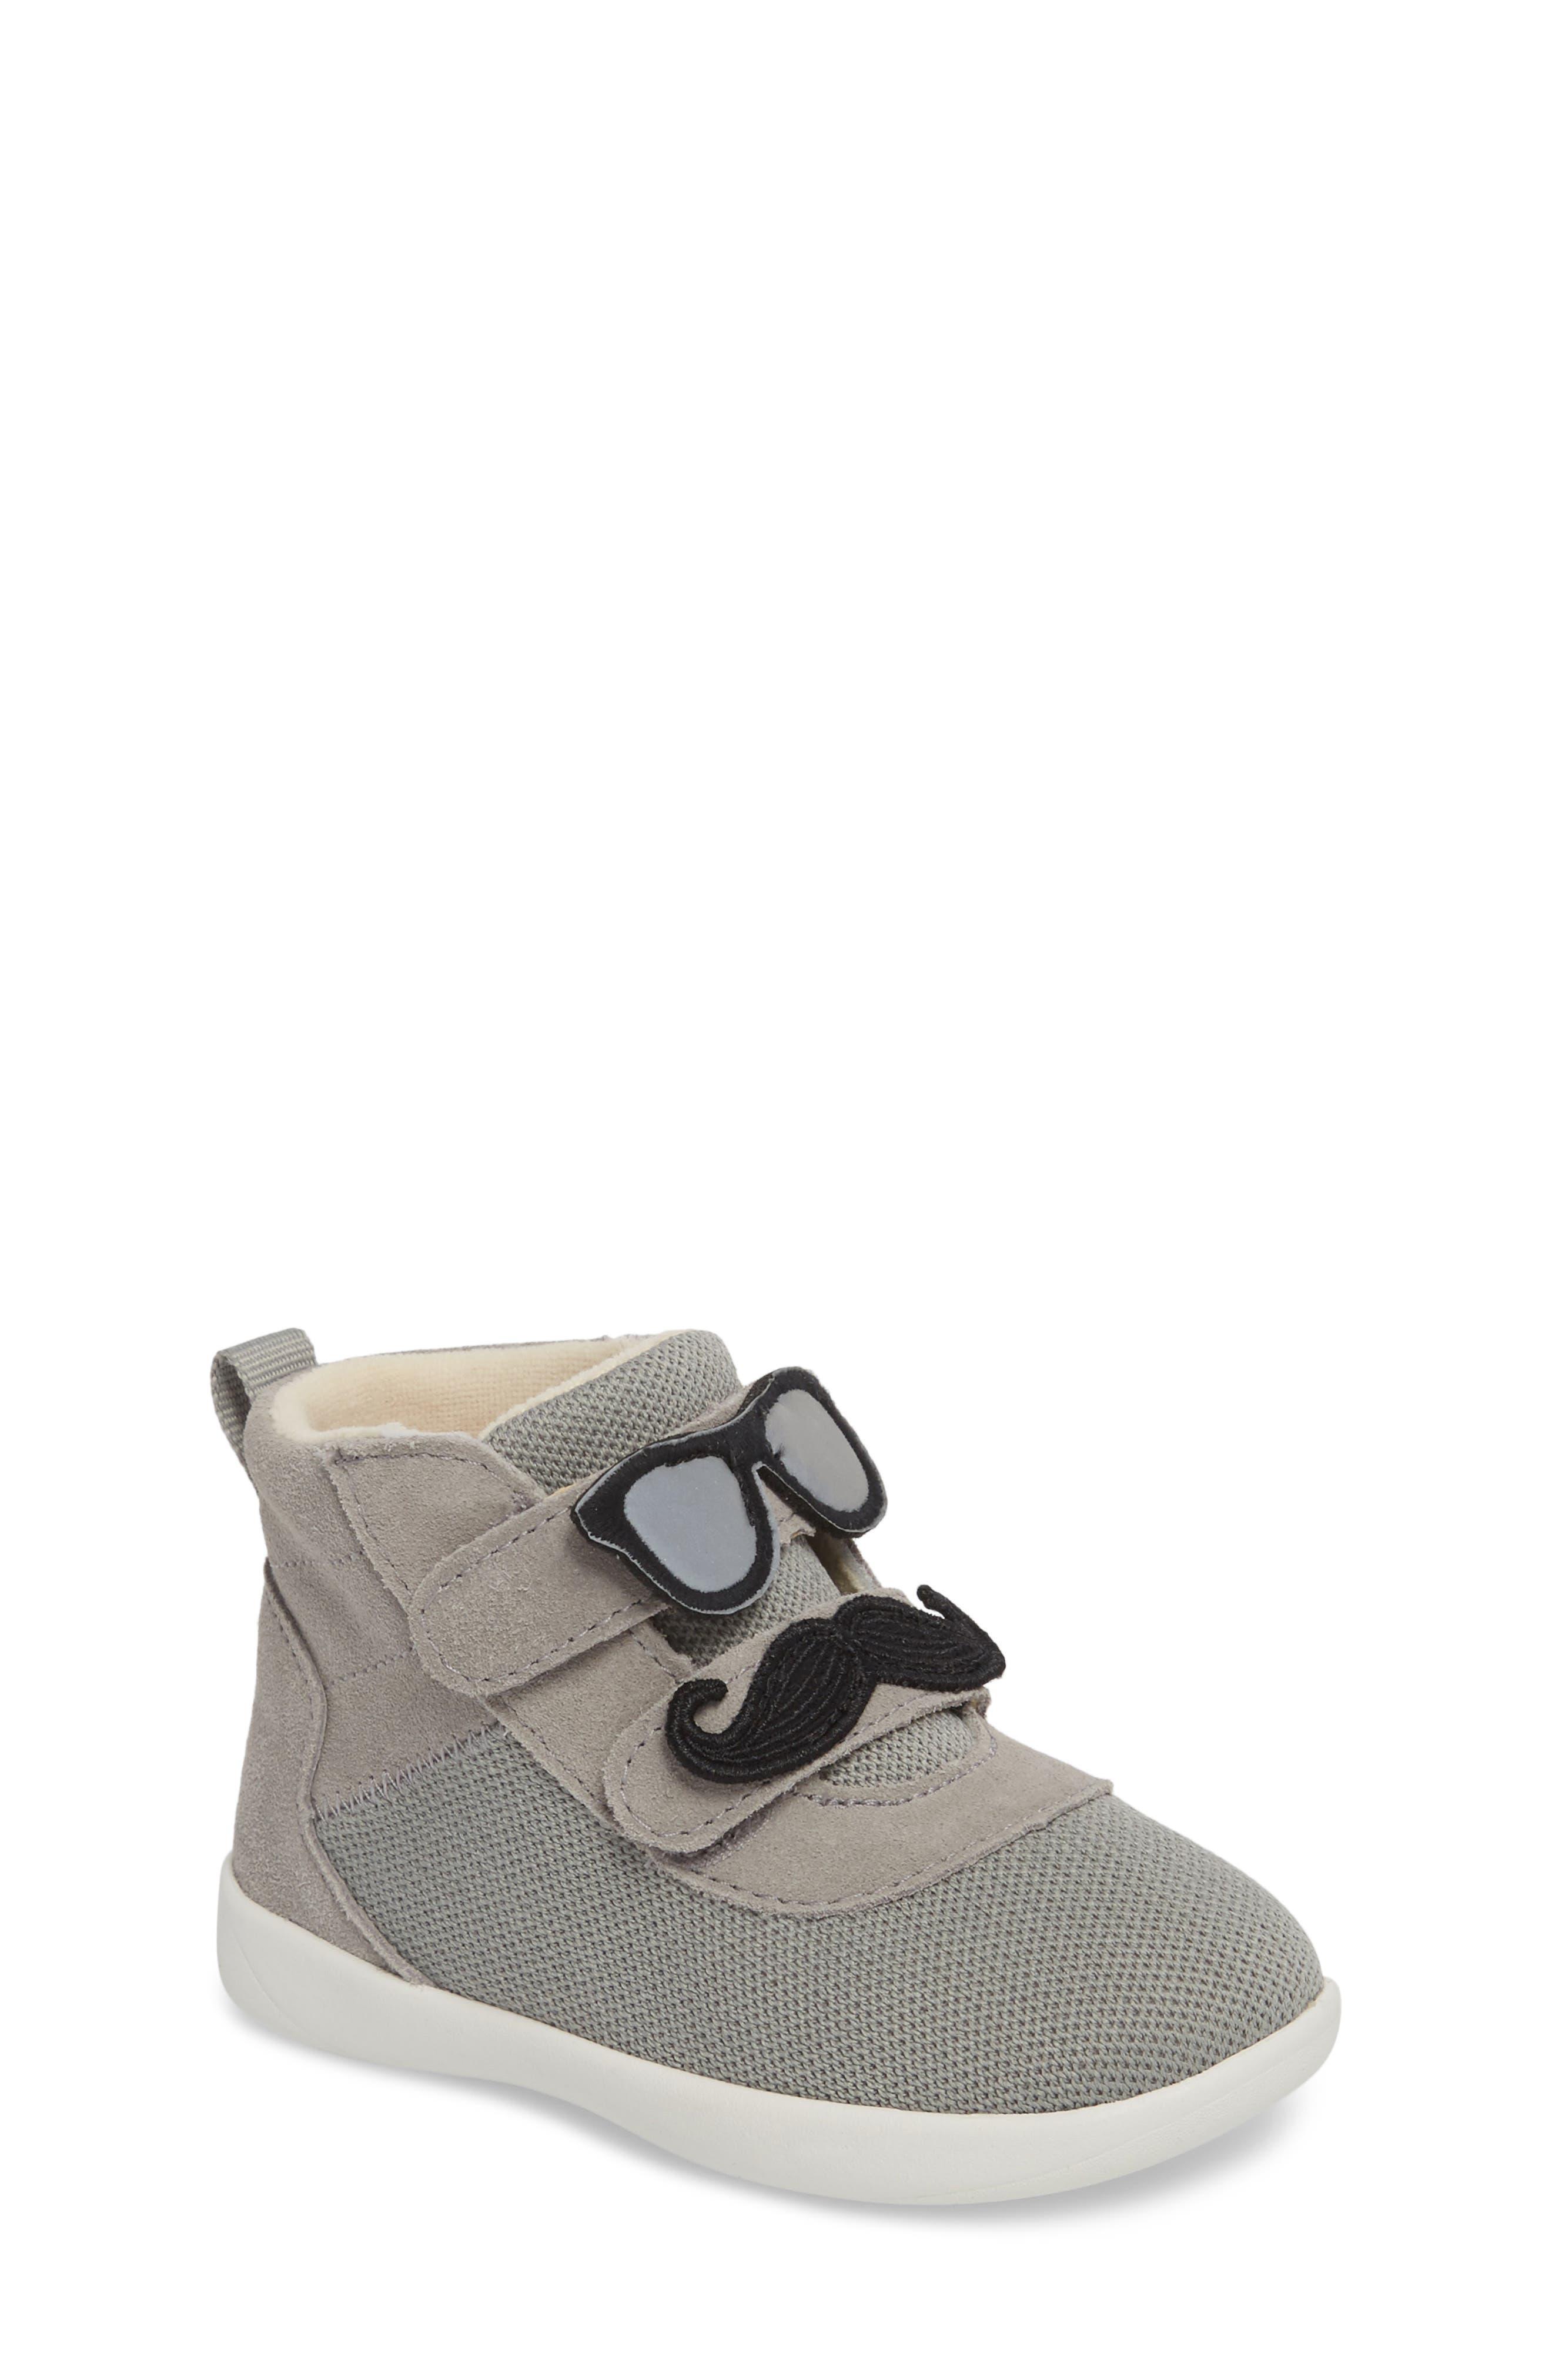 Drex Sunglasses & Mustache Appliqué Sneaker,                             Main thumbnail 1, color,                             024